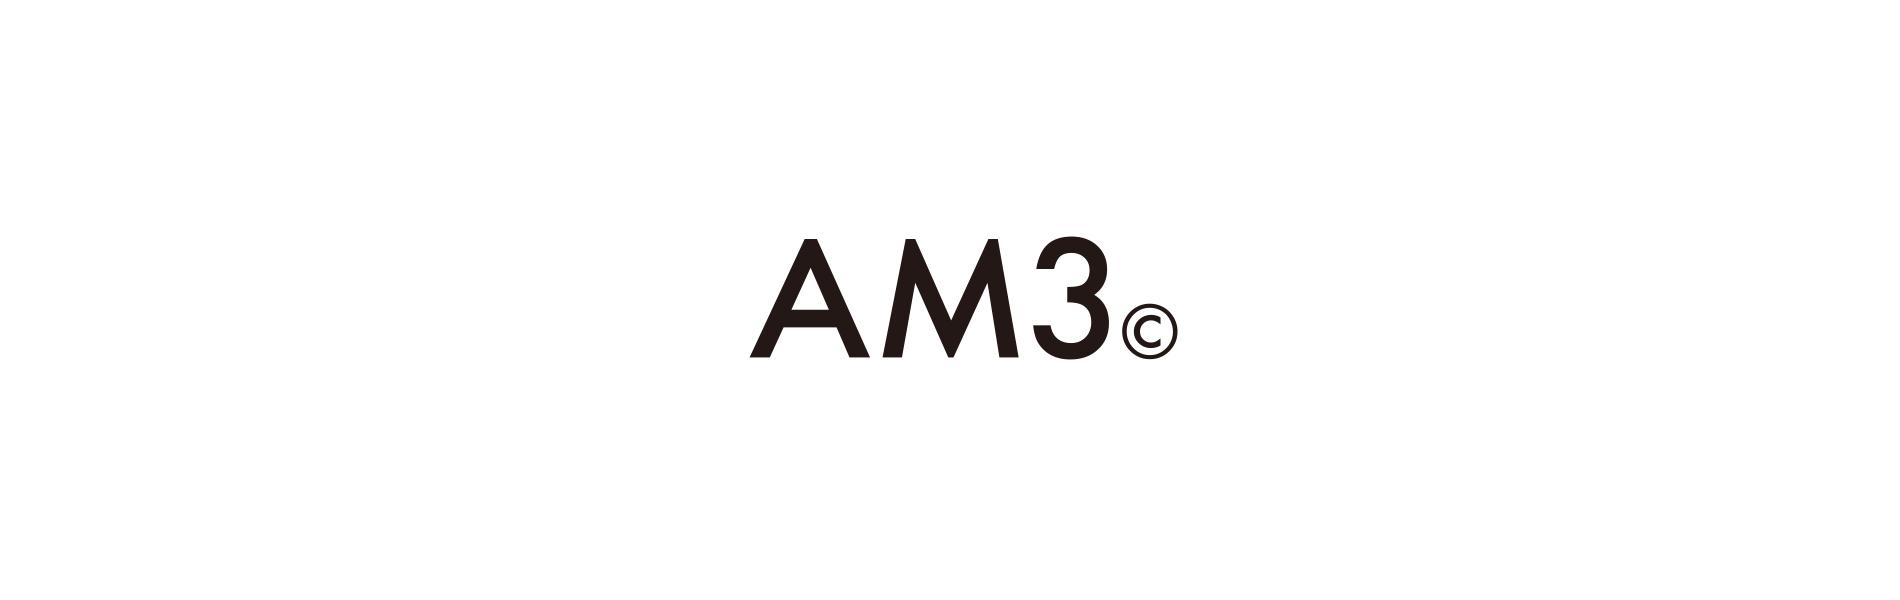 AM3 COMPANY